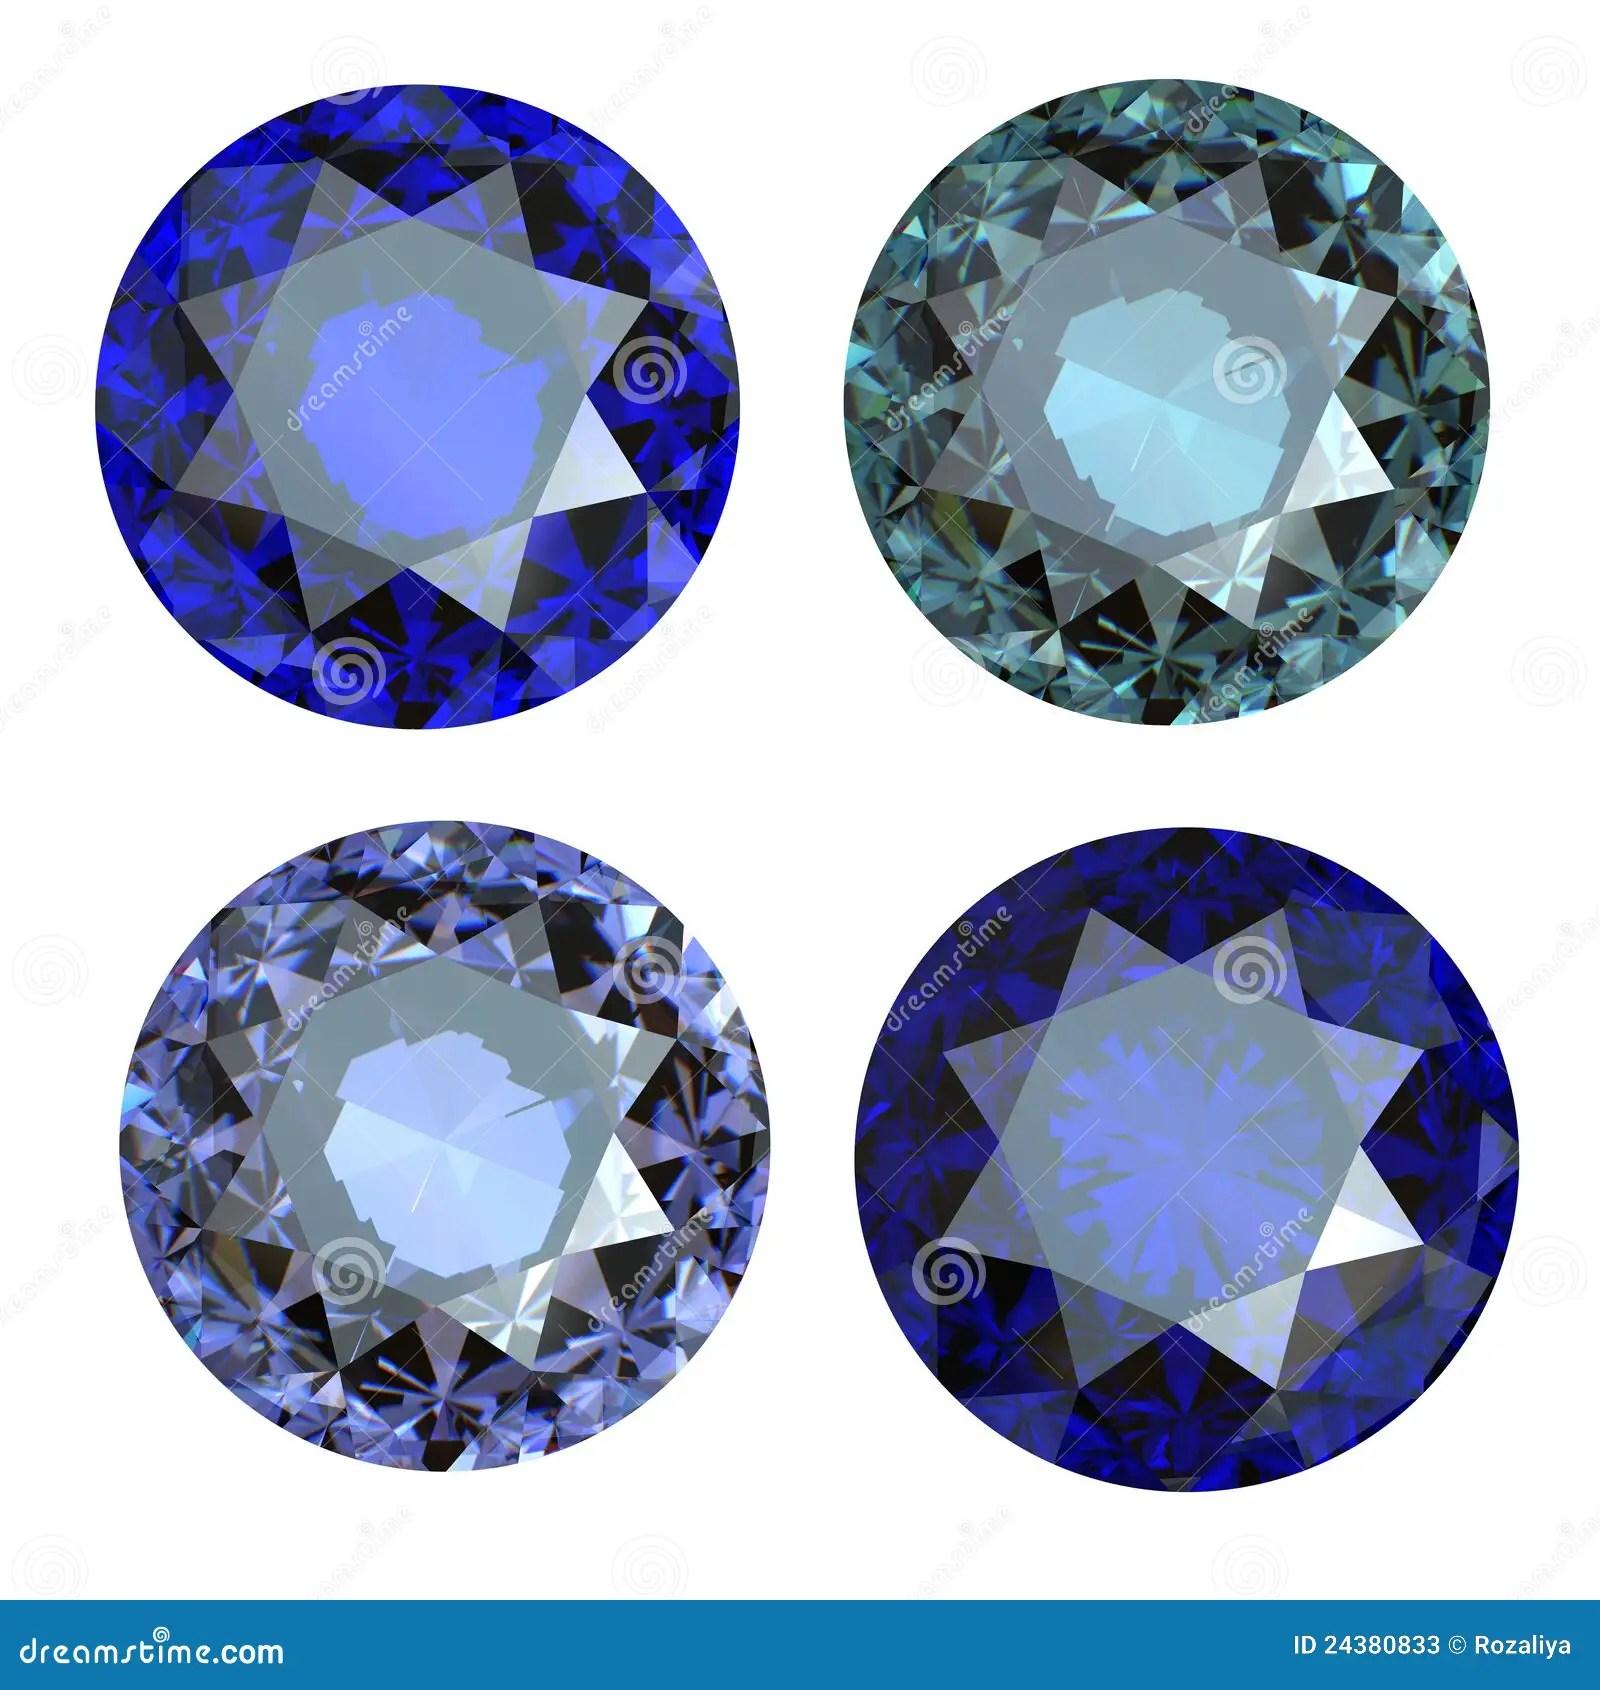 Round Blue Gemstone On White Background Stock Image